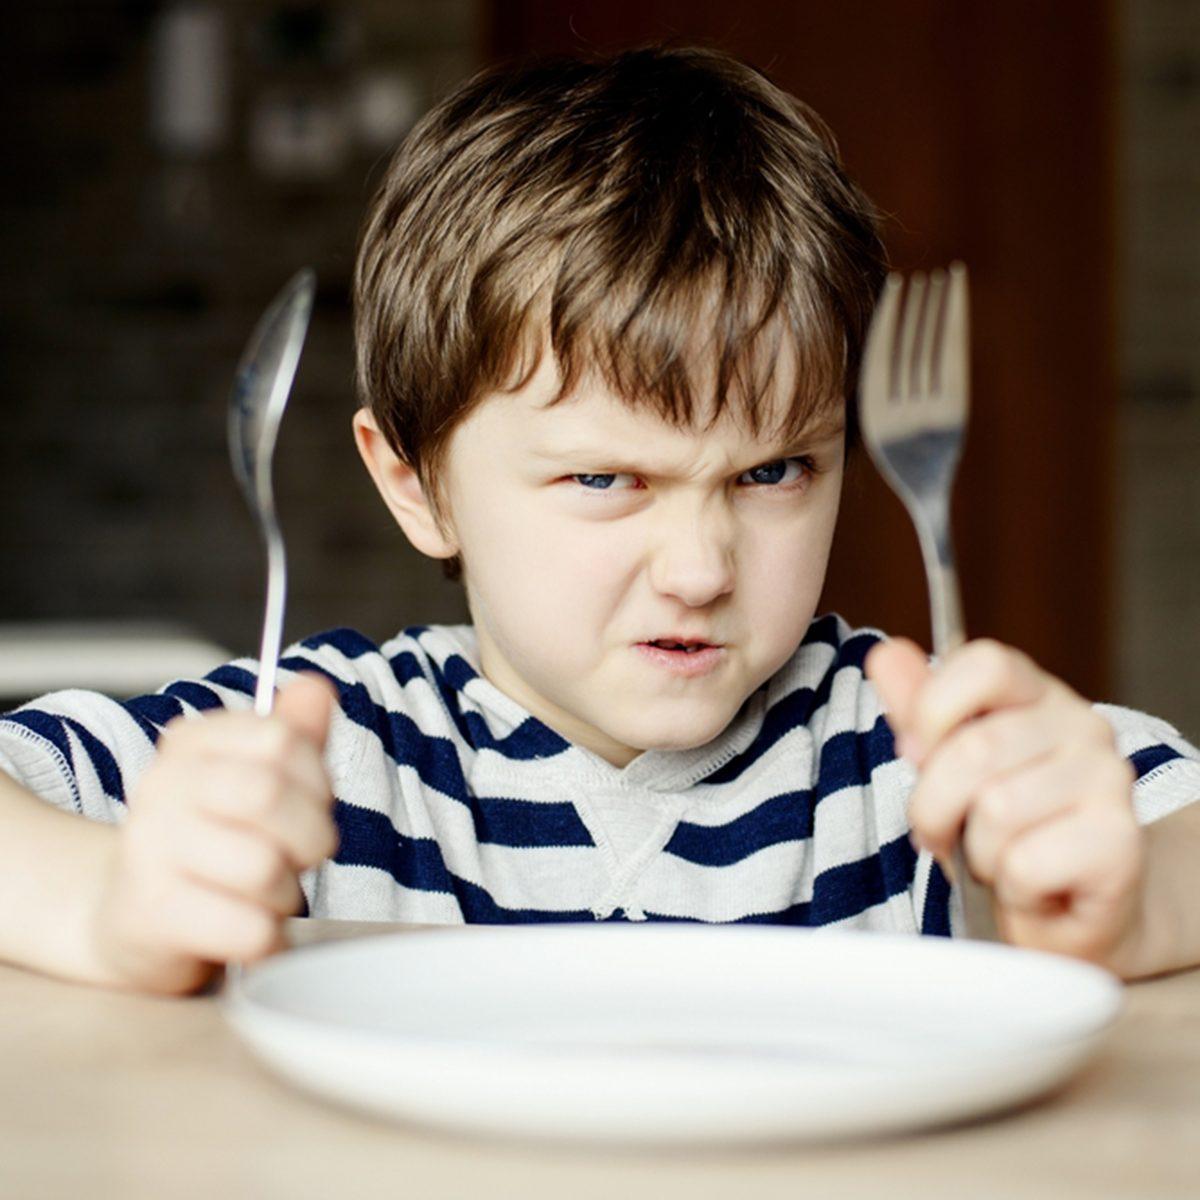 Furious little boy waiting for dinner.